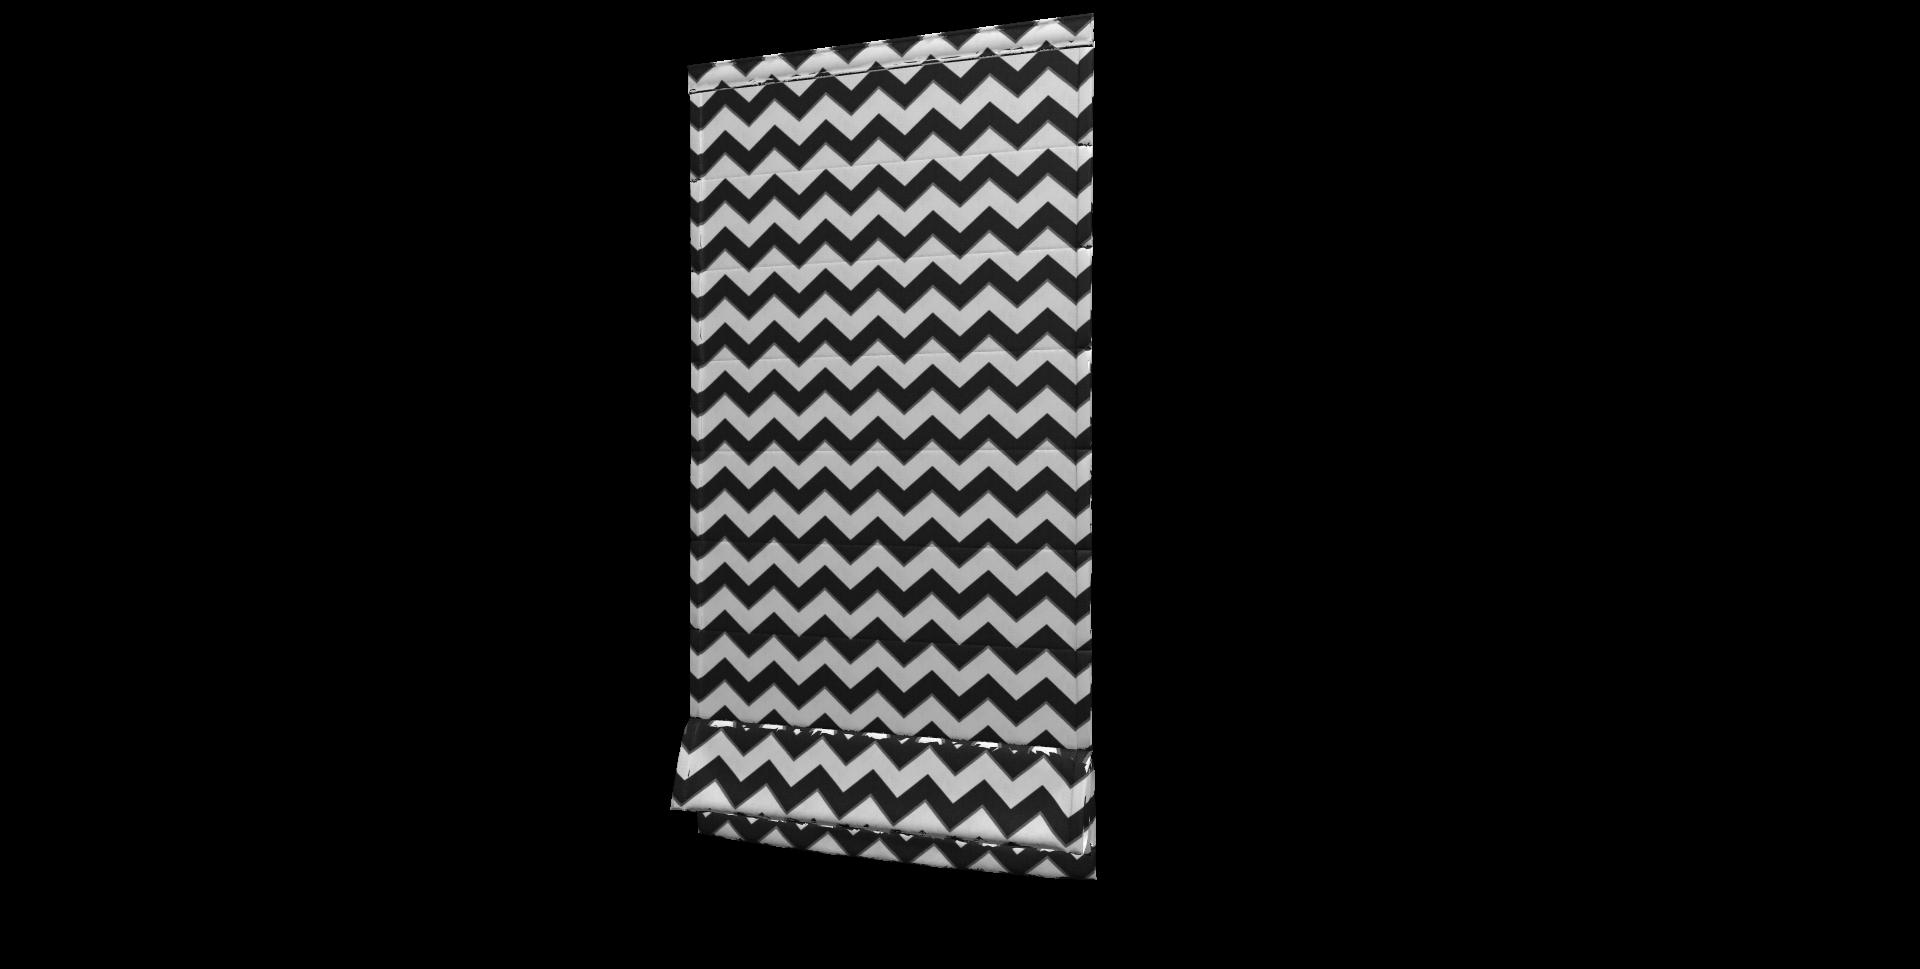 Ткань декоративная для штор, подушек с черно-белым зигзагом и тефлоном - фото b33b93dd1bd7dee8d80e24b8c2623d12.png